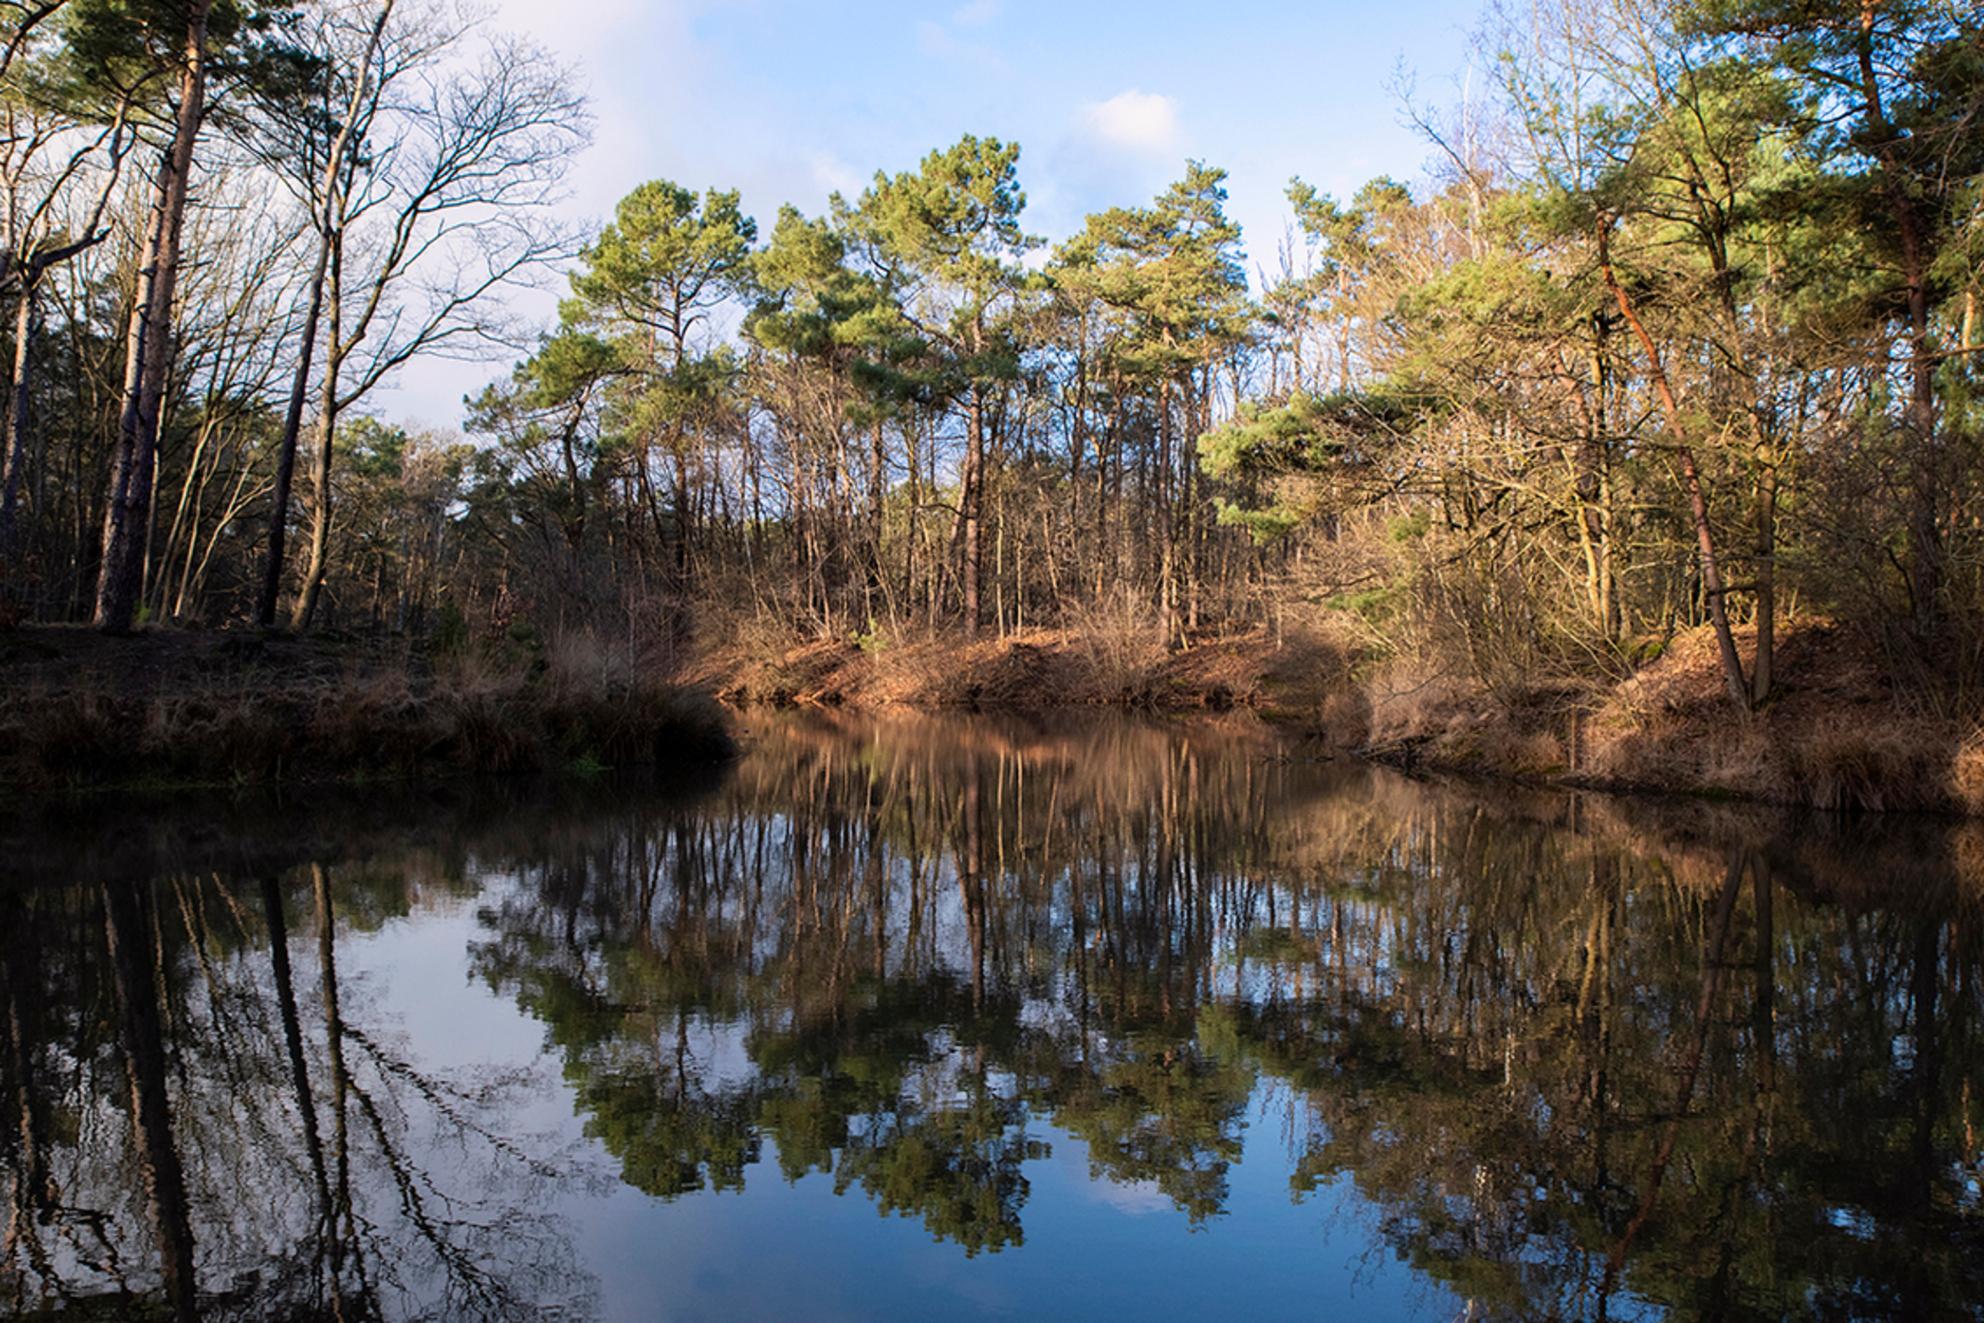 Nationaal park Loonse en Drunense duinen 2 - - - foto door elshout1958 op 28-02-2021 - deze foto bevat: water, natuur, spiegeling, landschap, bos, bomen - Deze foto mag gebruikt worden in een Zoom.nl publicatie